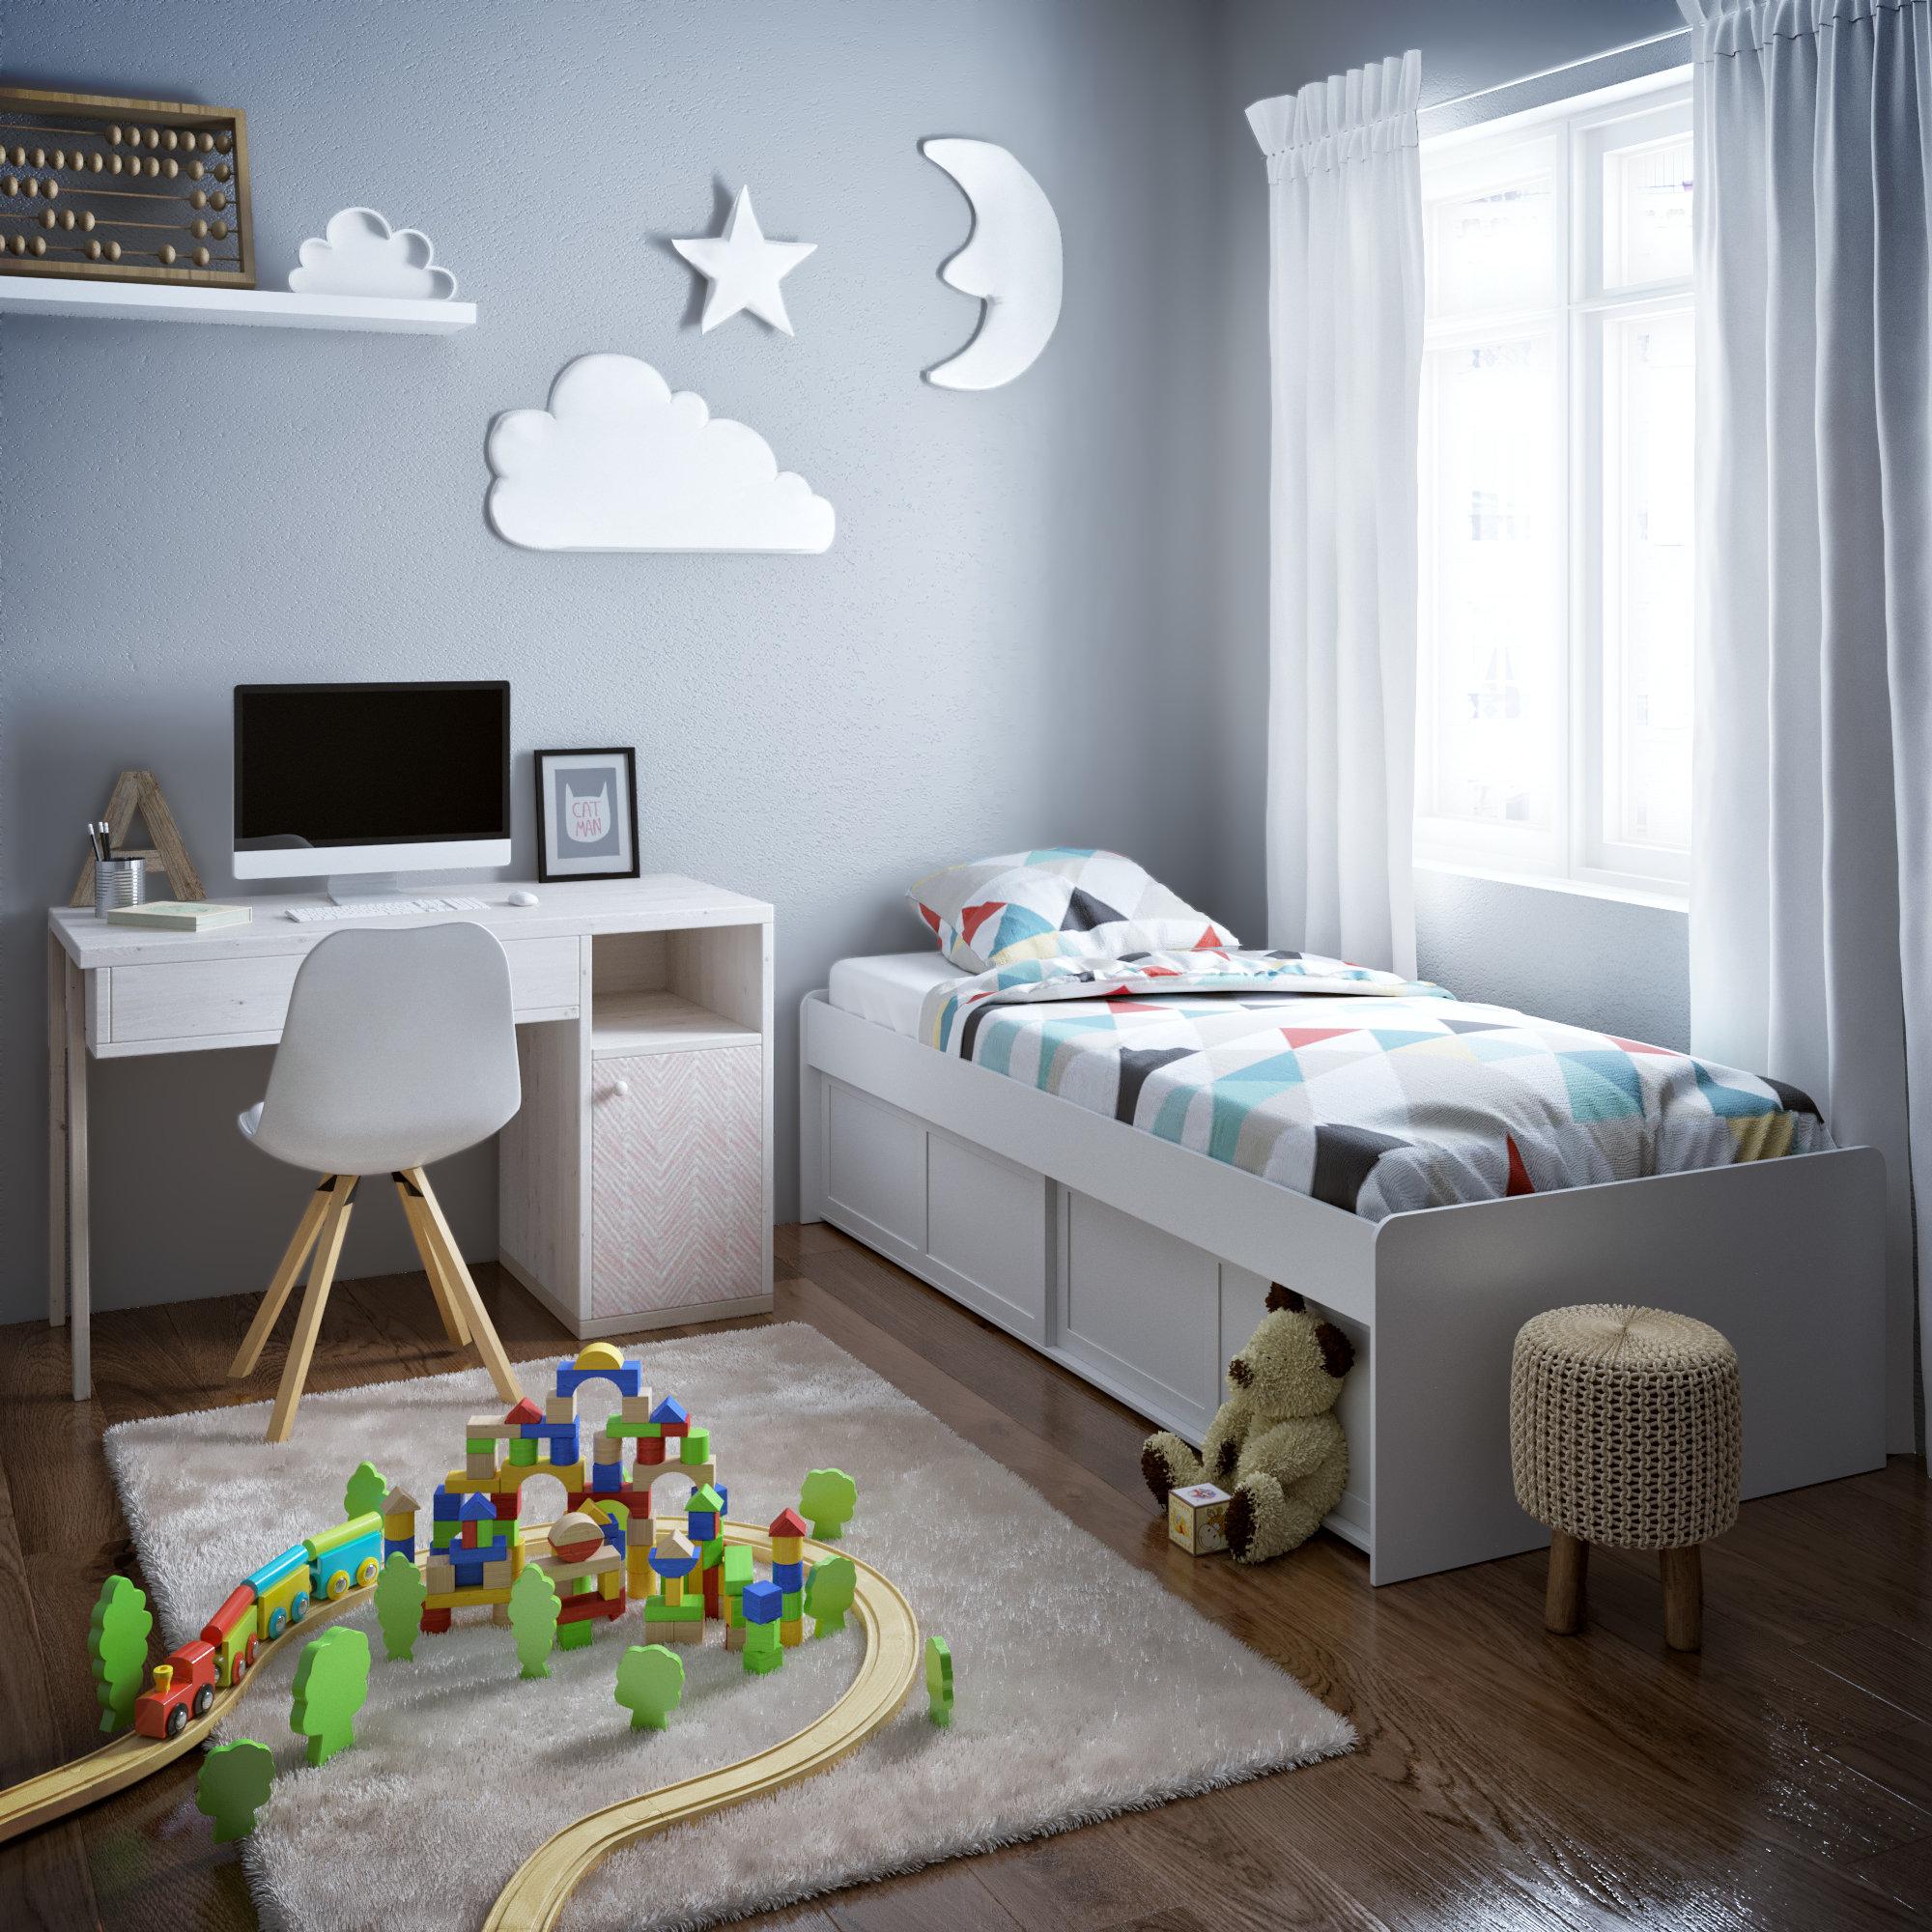 Chambre enfant gris marron blanc : inspiration style Scandinave